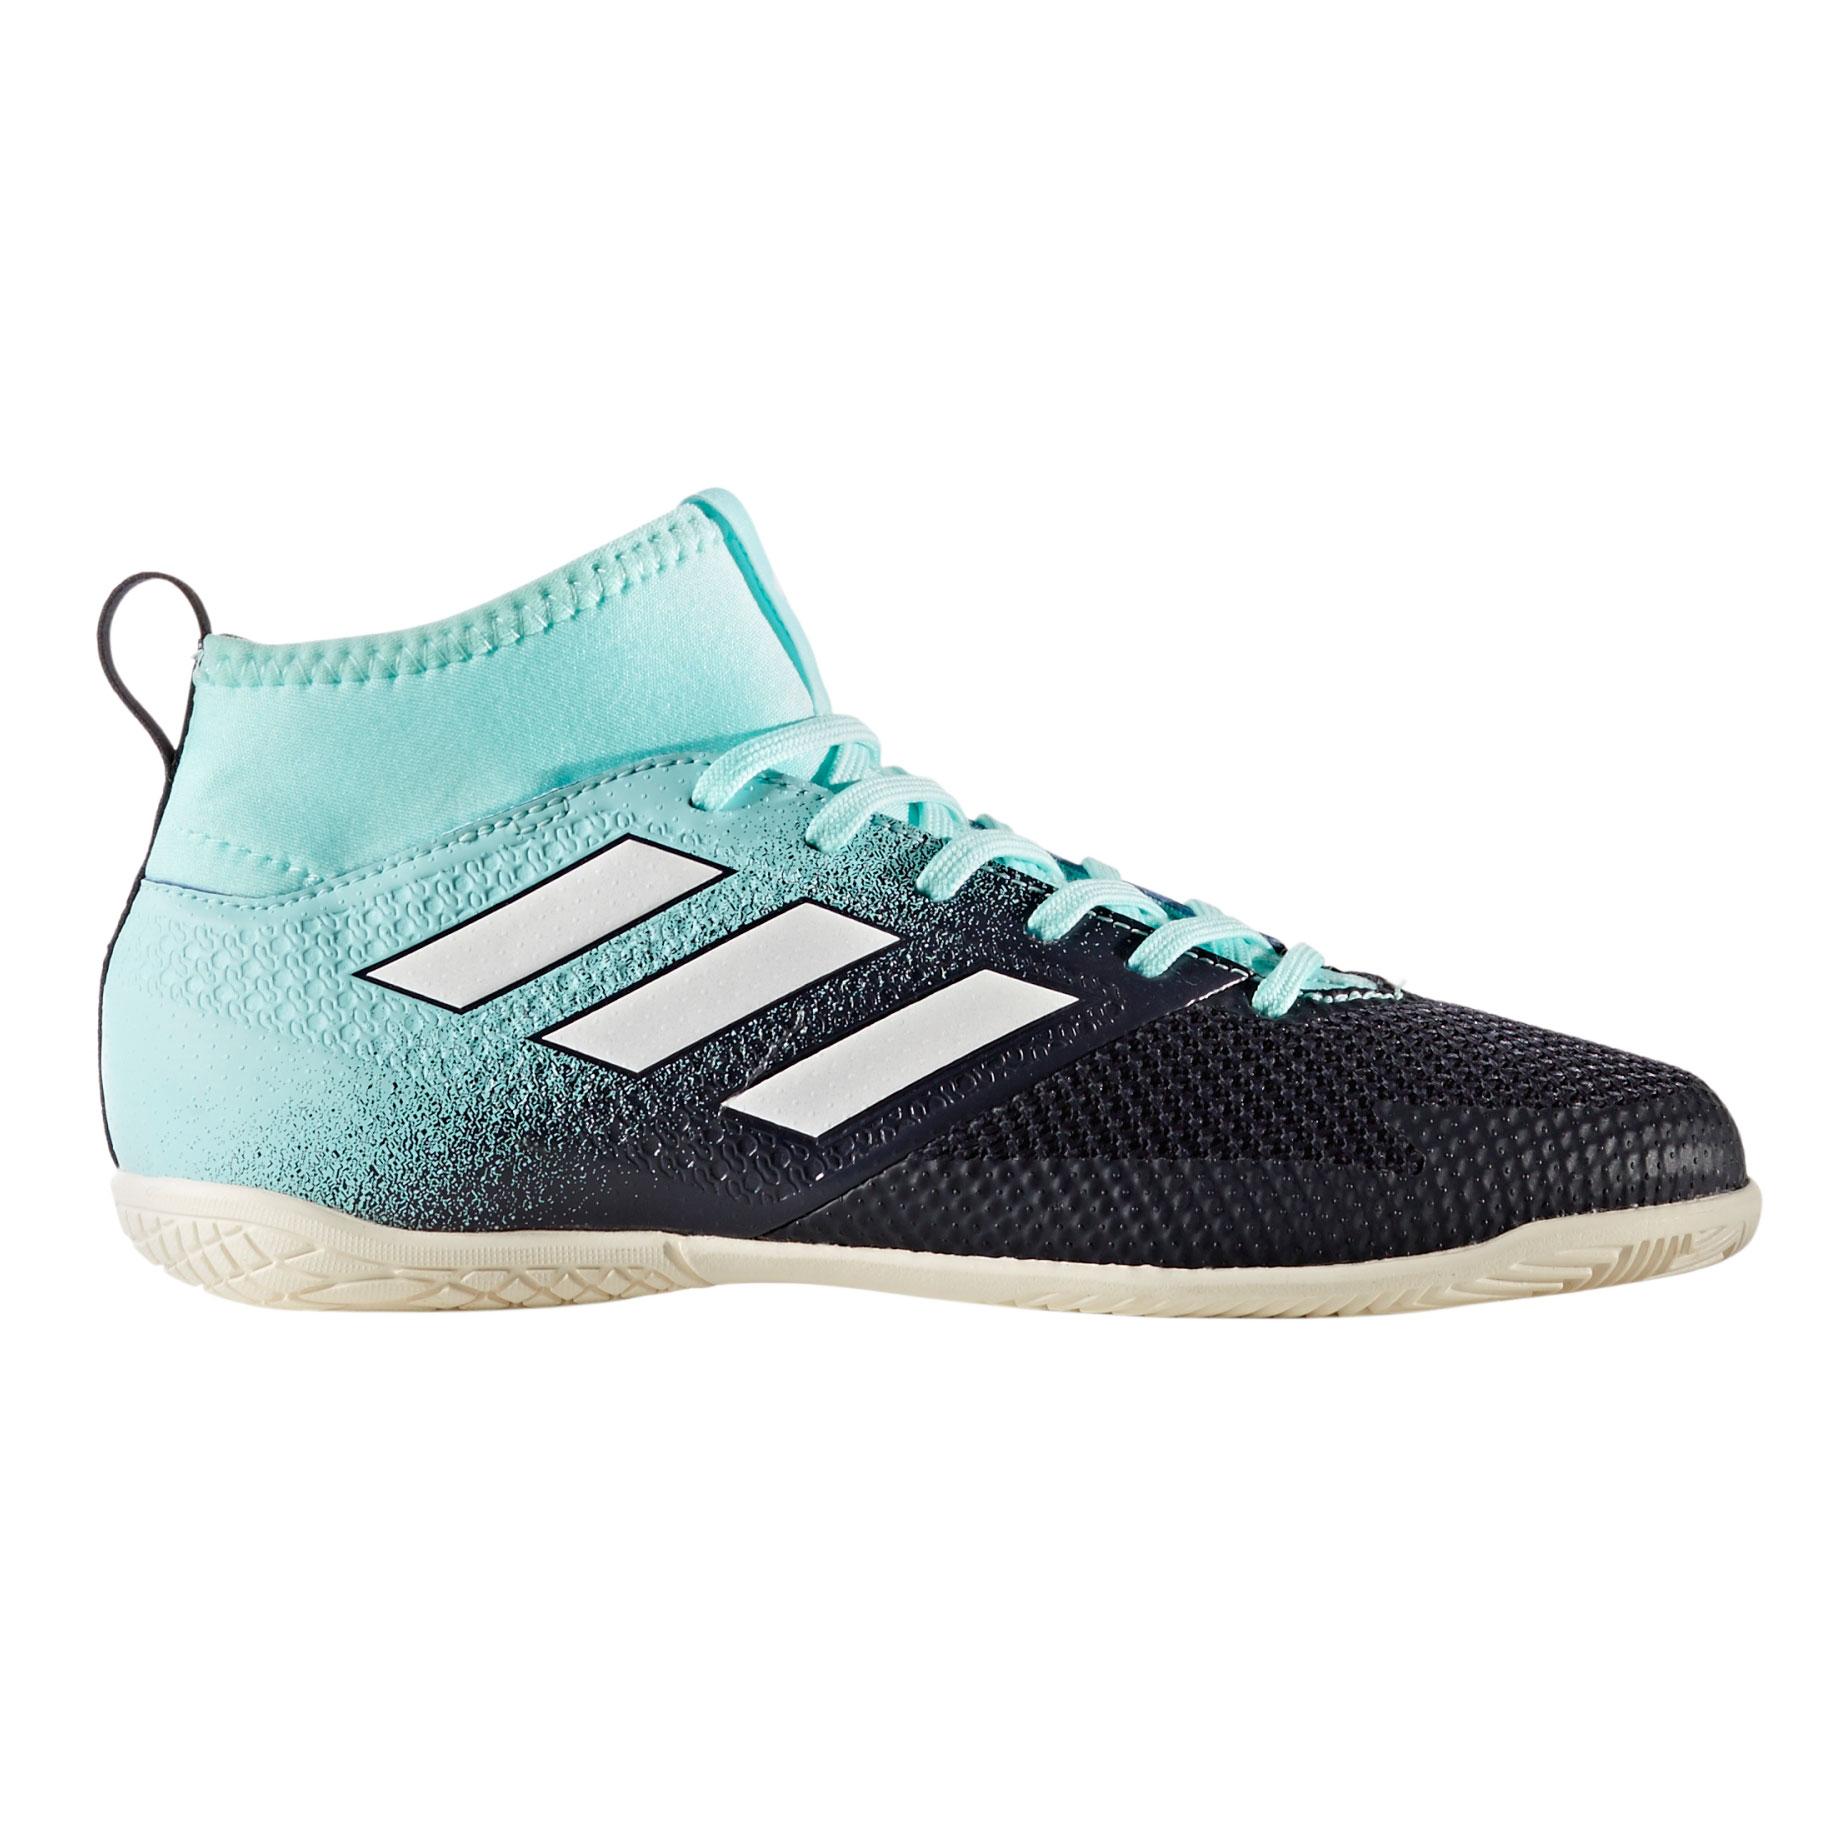 Afbeelding van Adidas Ace Tango 17.3 CG3713 Zaalvoetbalschoenen Junior Energy Aqua Footwear White Legend Ink